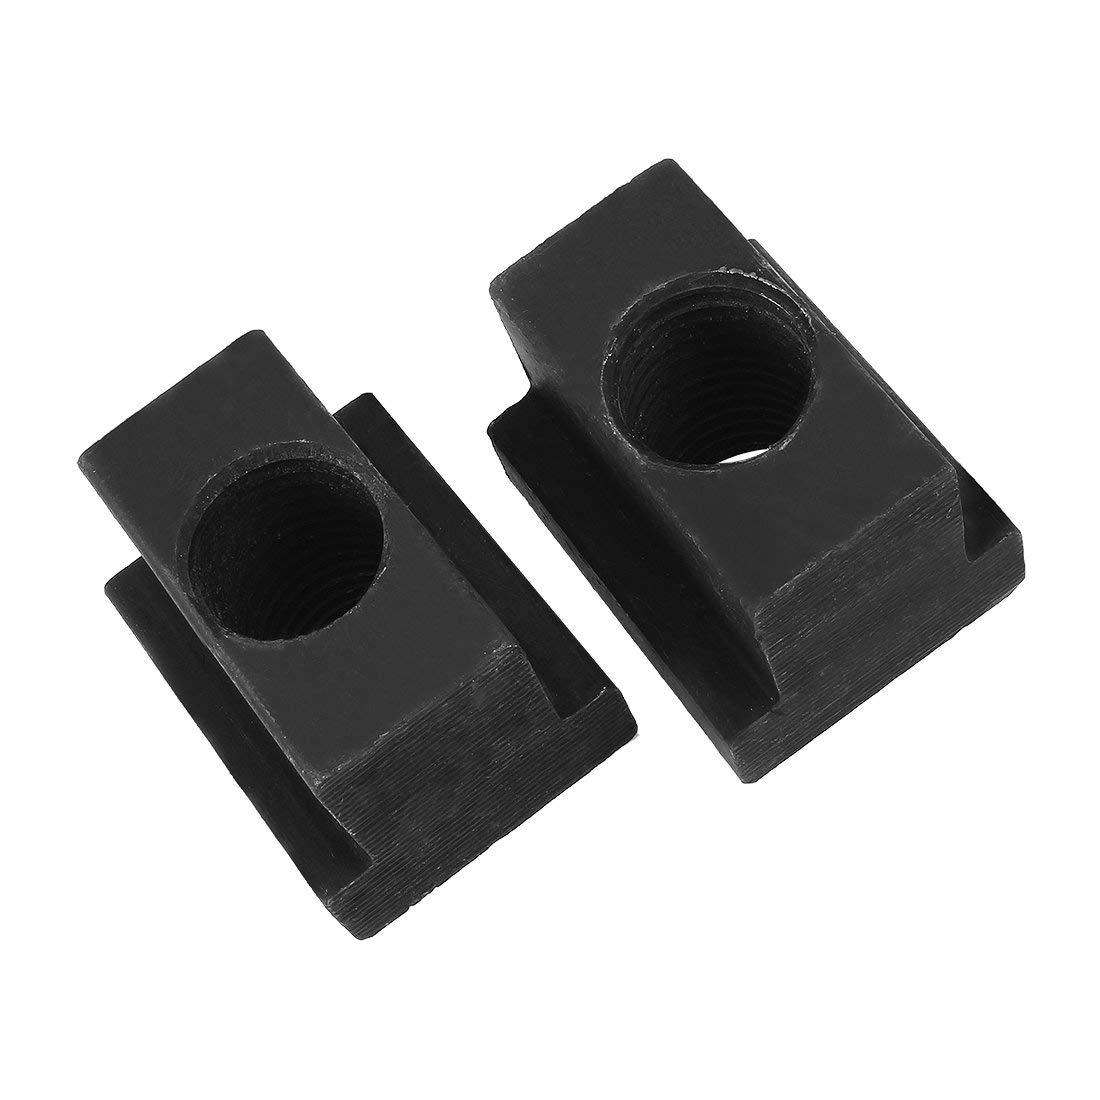 2 St/ück Stahl T-Nut Mutter Grad 10.9 Gewinde durch M20 Gewinde 4//5Schlitz Tiefe DE